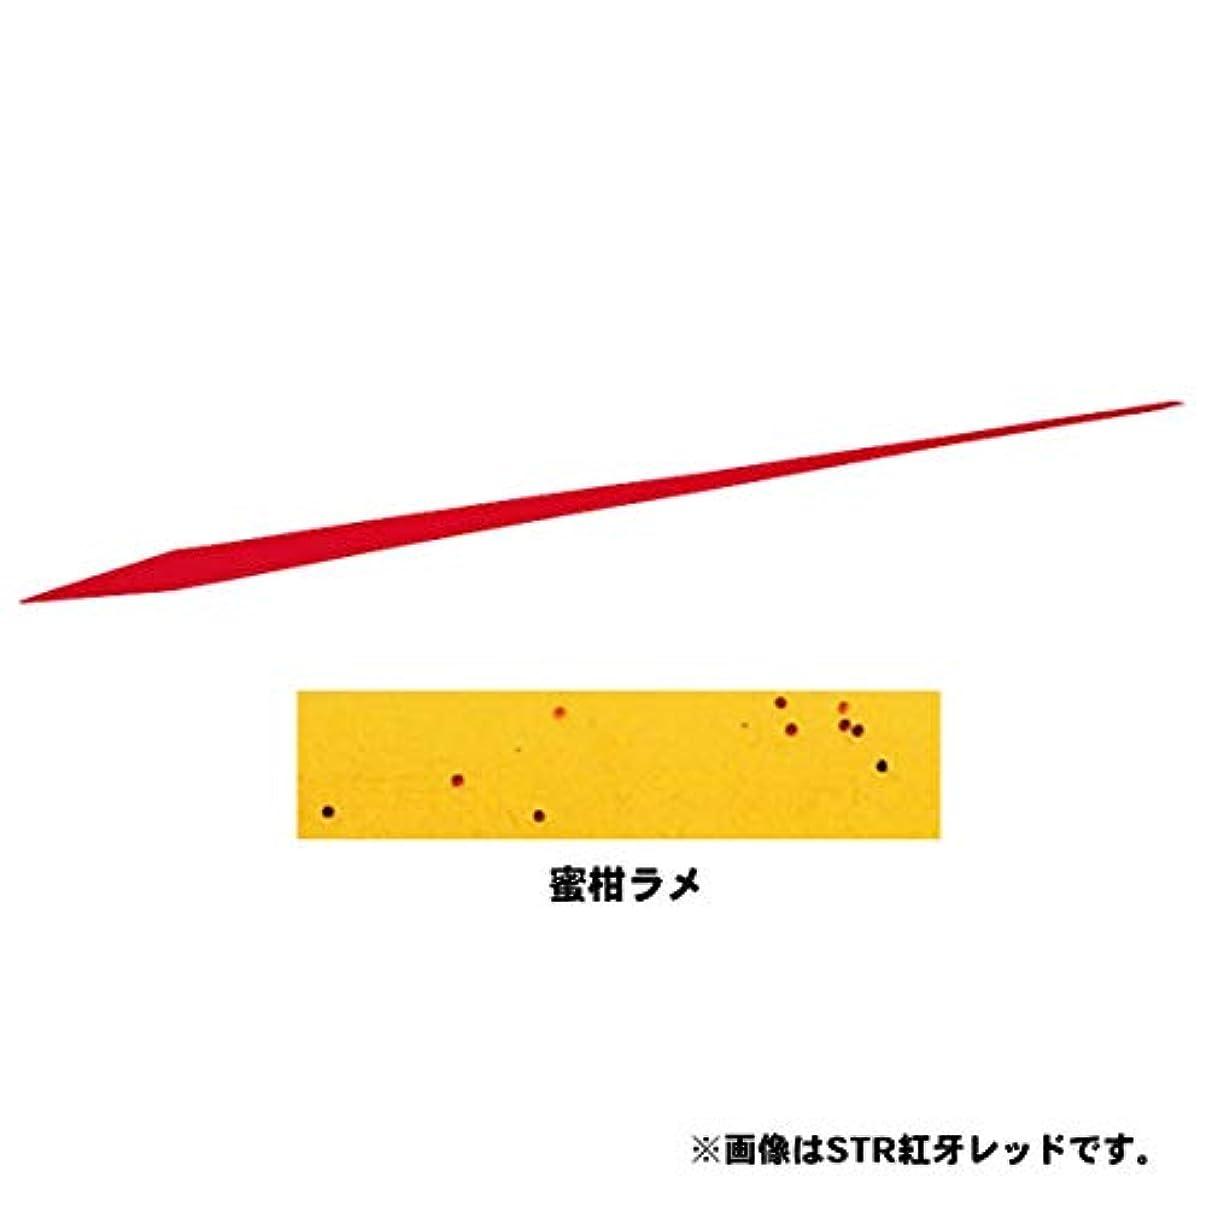 椅子致命的な含めるダイワ(Daiwa) タイラバ シリコンネクタイ 紅牙 蜜柑ラメ ストレート レギュラー